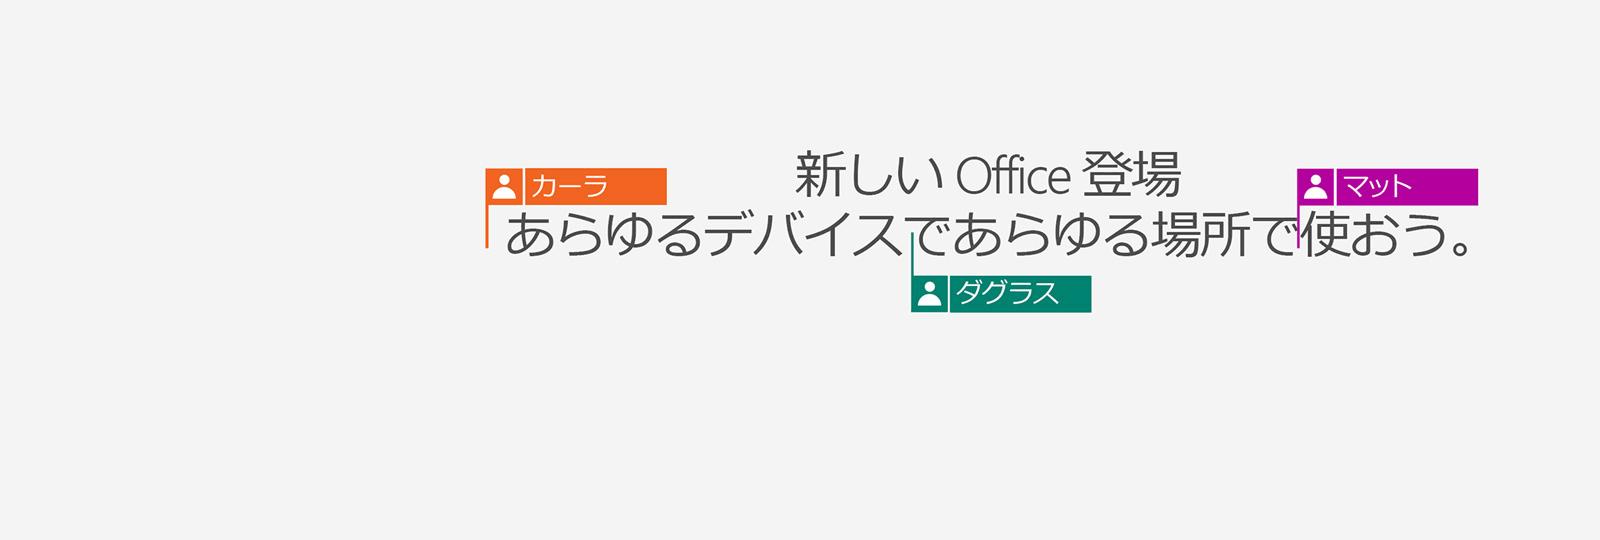 Office 365 や Office Premium で今すぐ 最新の Office 2016を使おう。